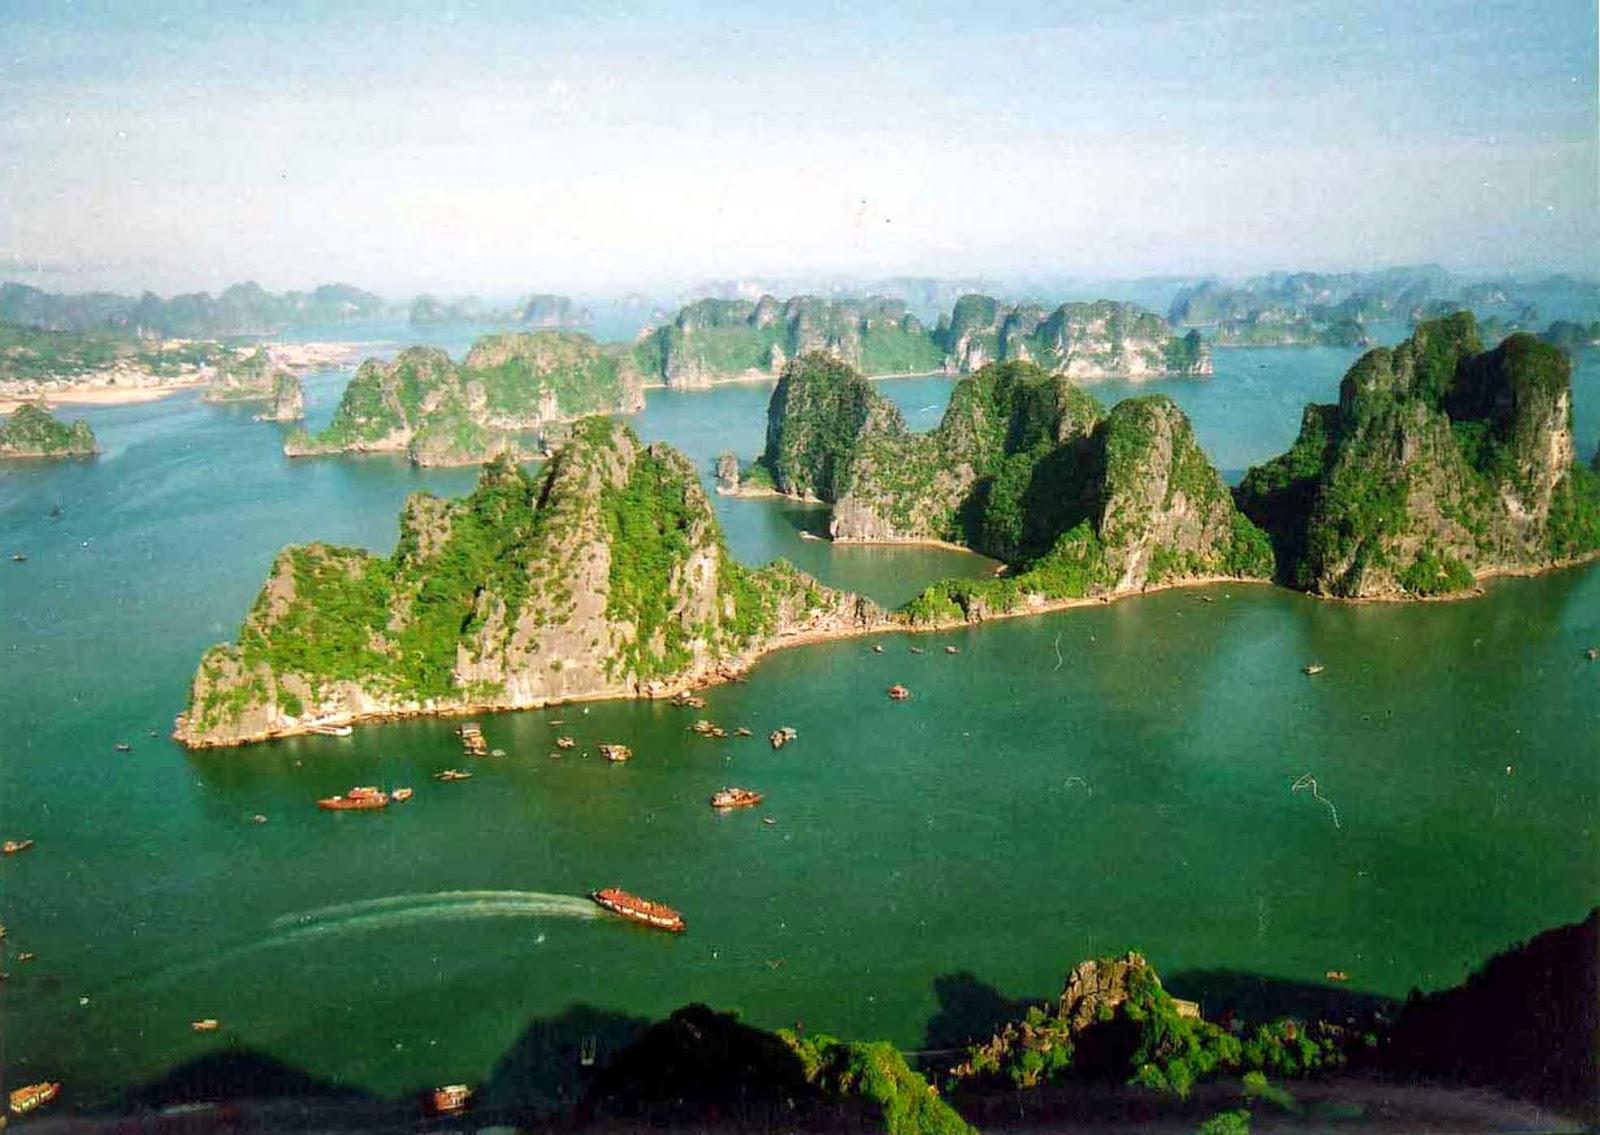 vietnam 30 beautiful nature halong bay vietnam thu thao miss vietnam 1600x1135